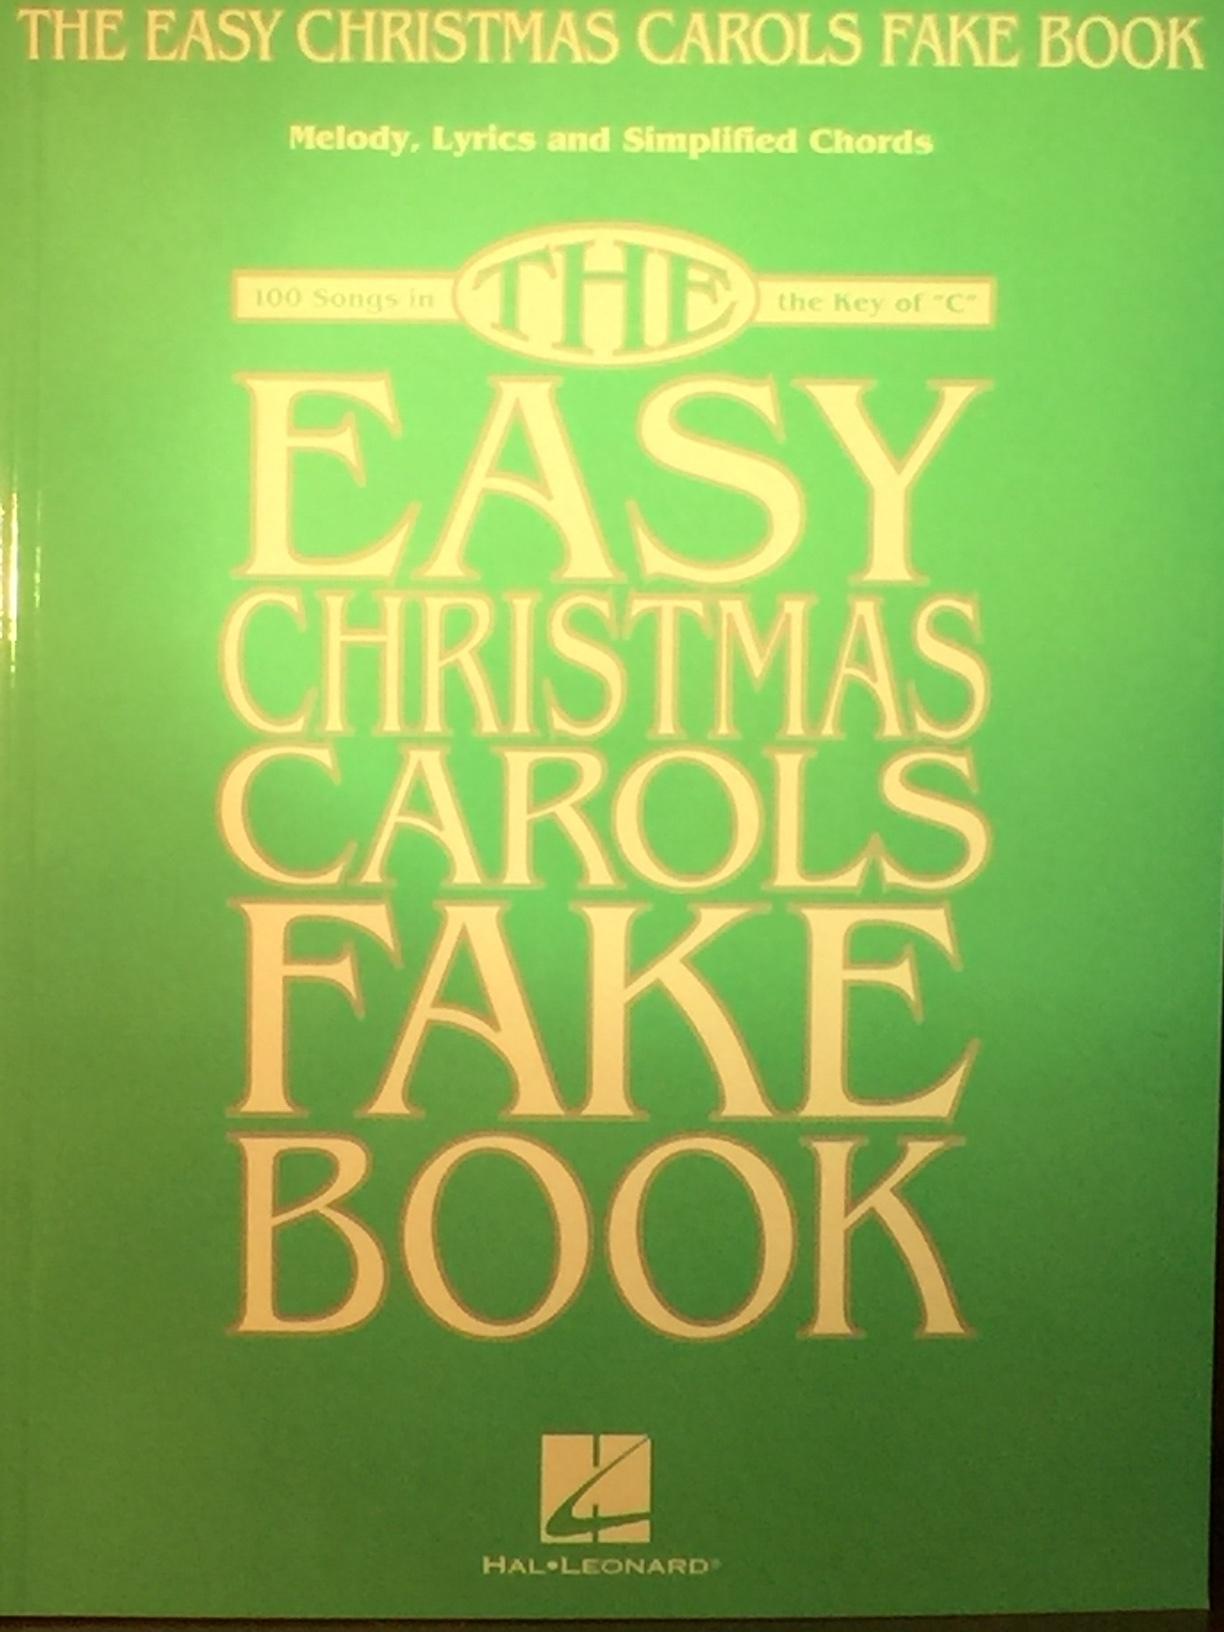 bda87ae4d5f9 The Easy Christmas Carols Fake Book — The Music Center